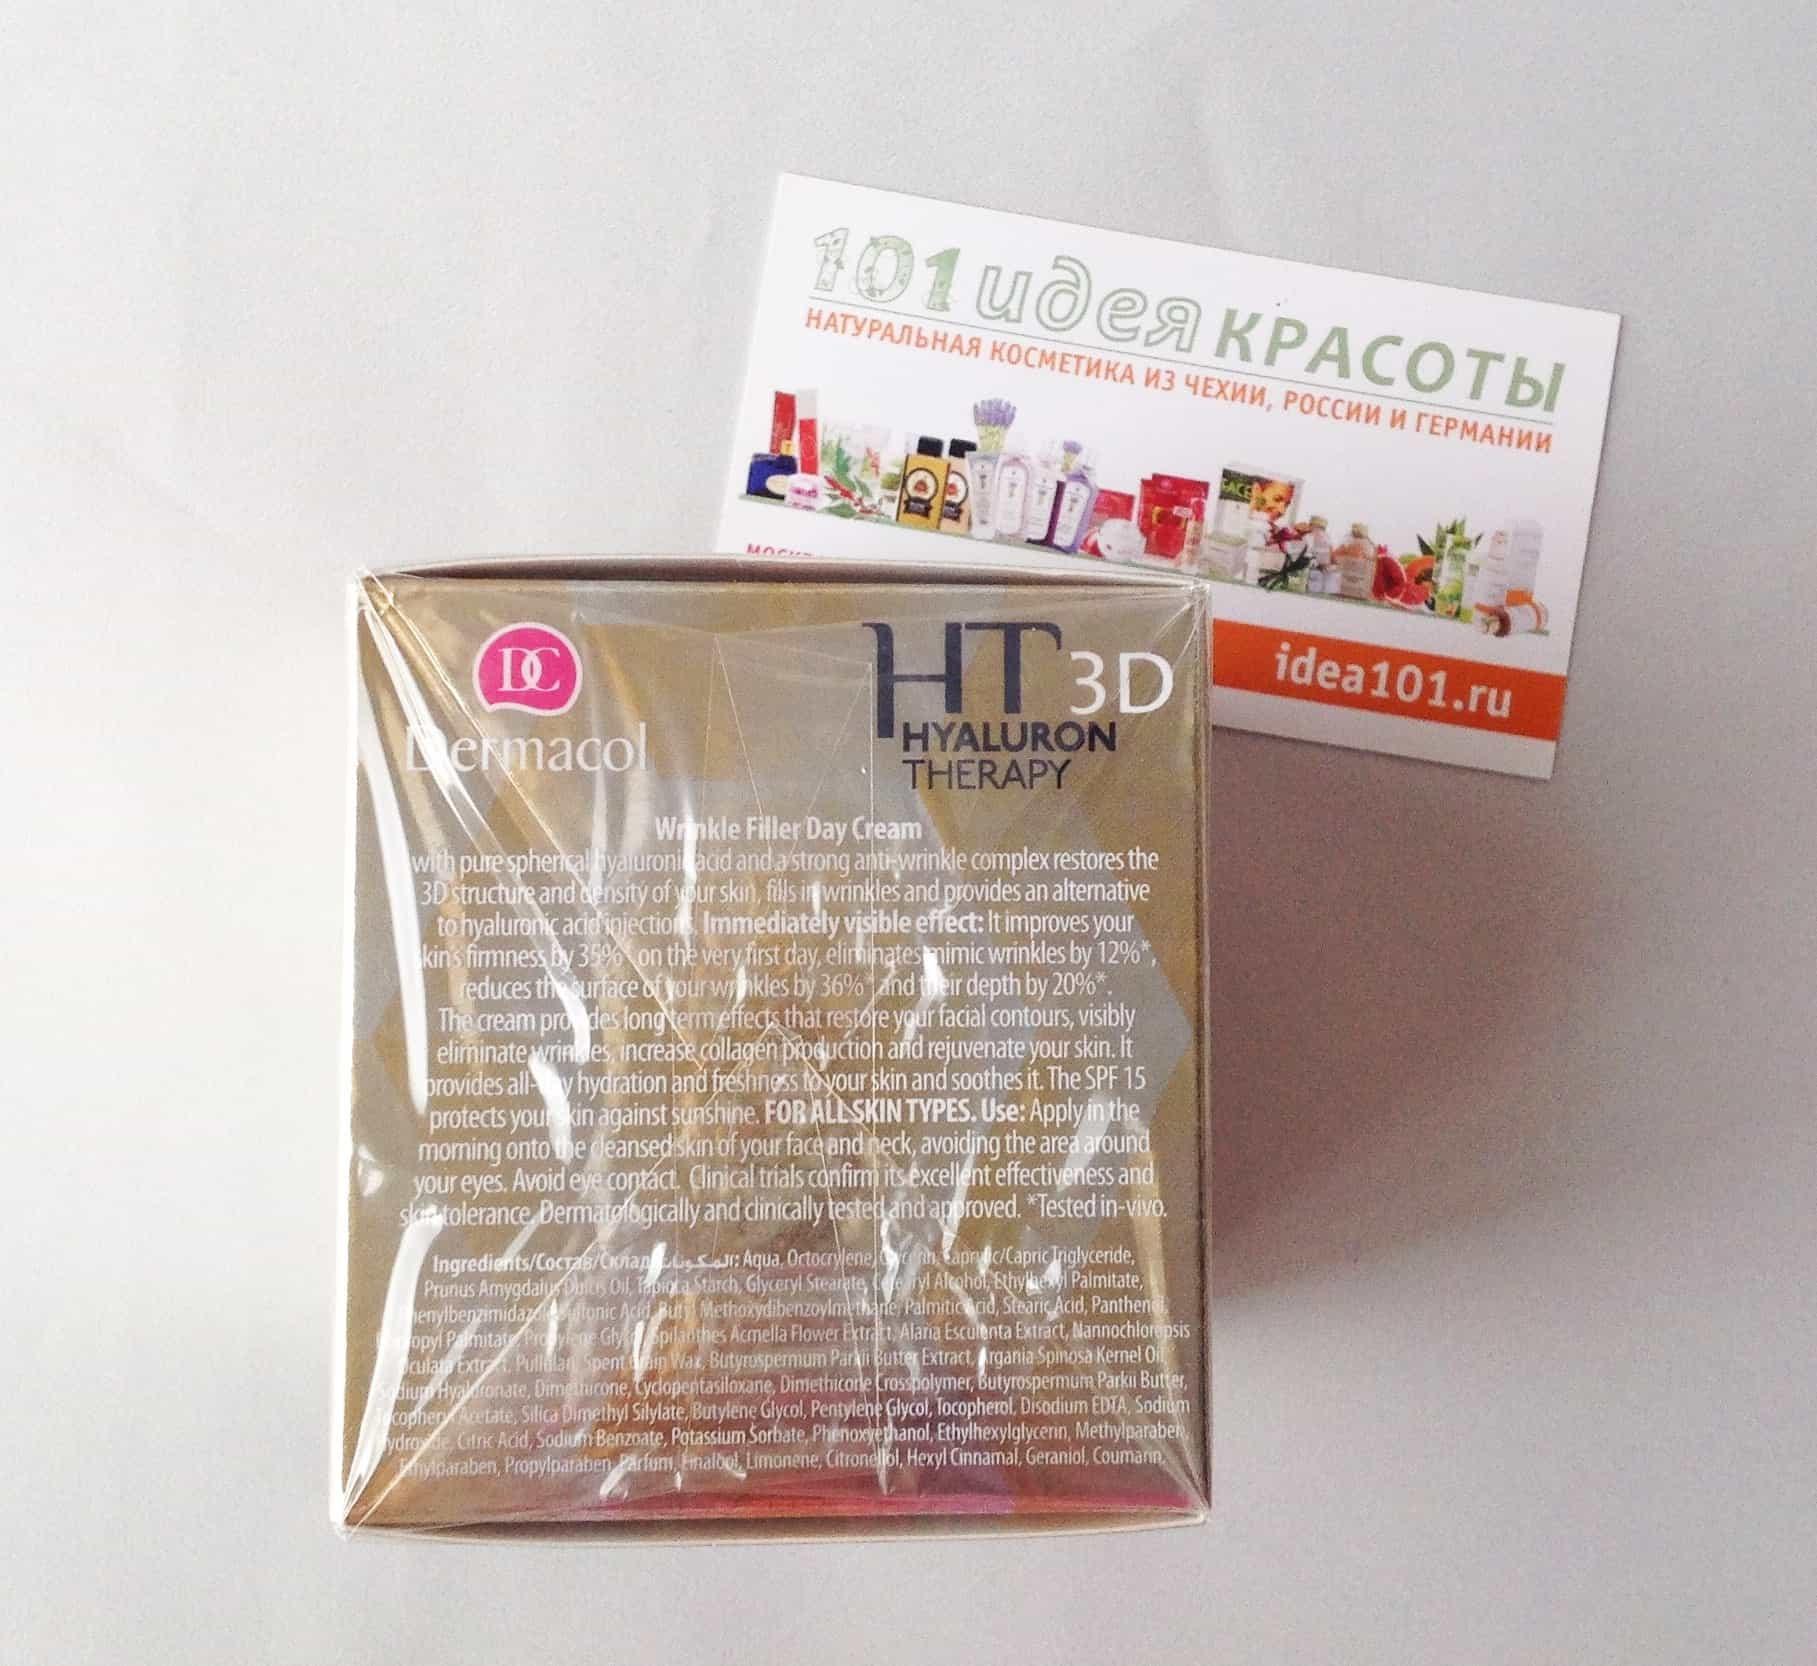 Dermacol Hyaluron Therapy 3D дневной уход, заполняющий морщины с гиалуроновой кислотой (40+)